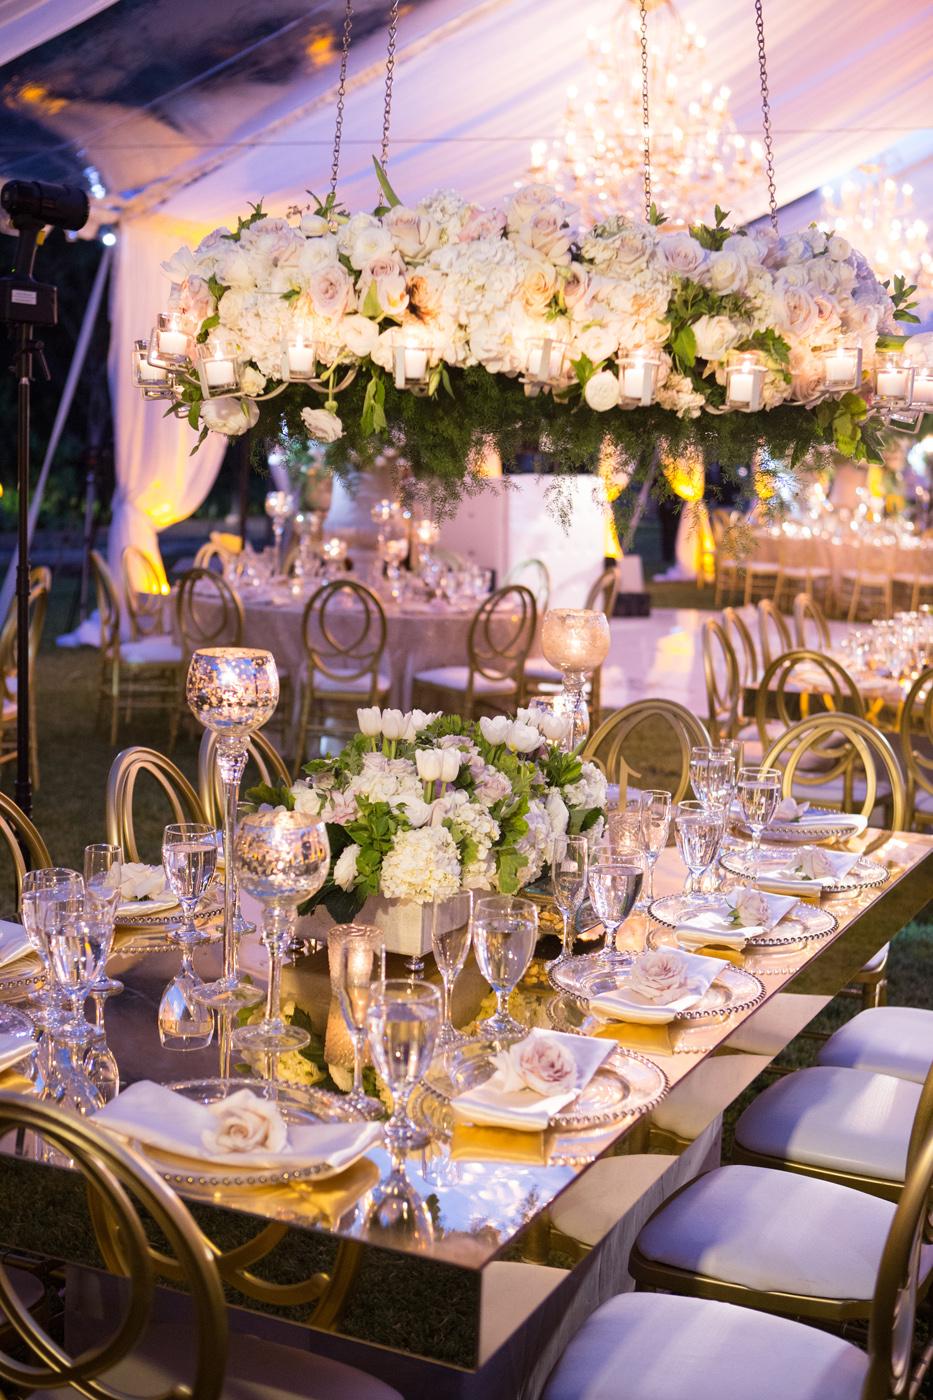 111_DukePhotography_DukeImages_Wedding_Details.jpg